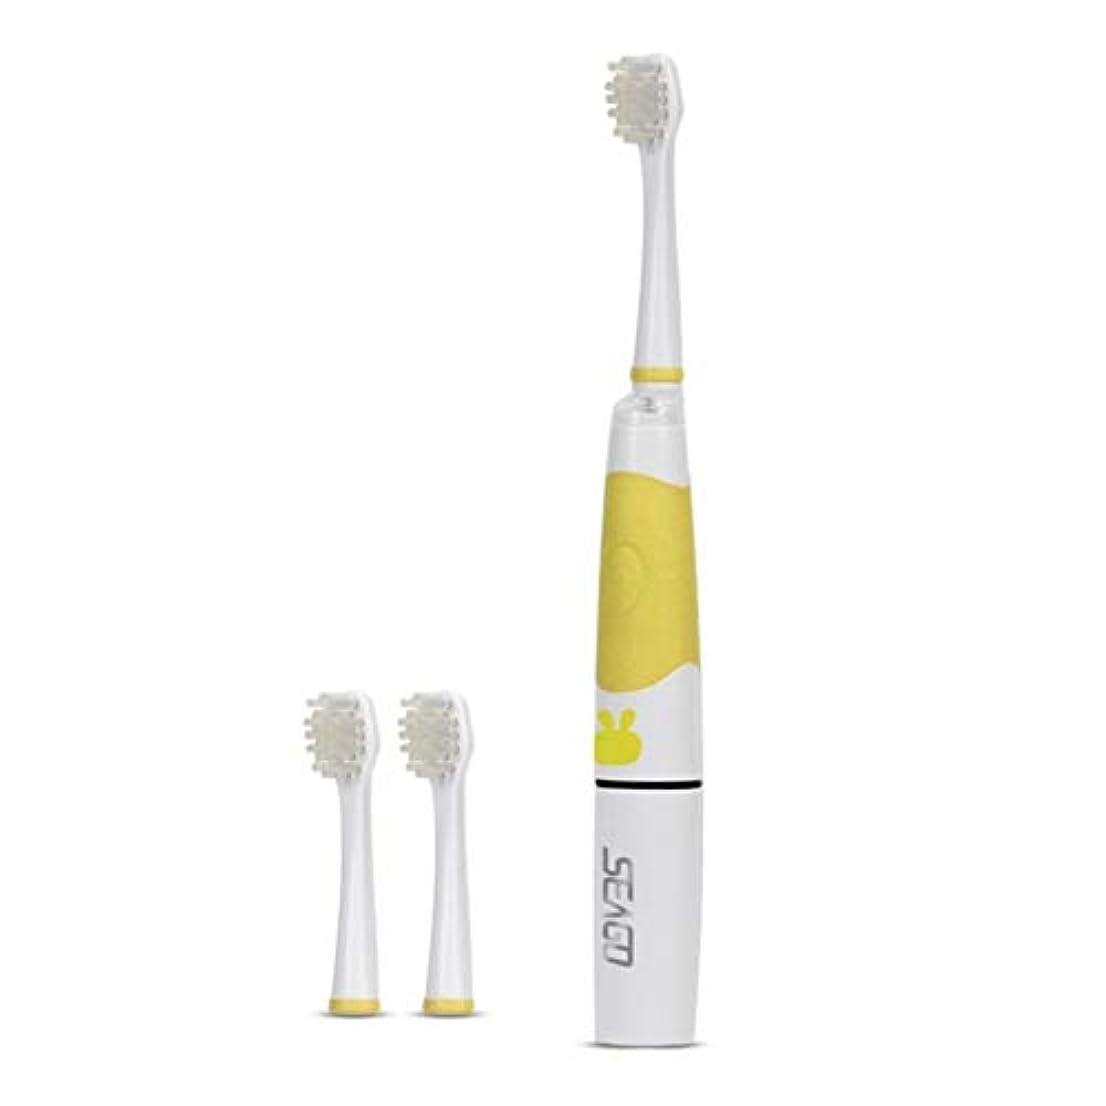 細菌釈義優先権SOOKi 子供ソニック電動歯ブラシLEDライトキッズソニック歯ブラシスマートリマインダー赤ちゃんの歯ブラシ幼児歯ブラシで余分2交換可能なブラシヘッド用2-7子供,Yellow